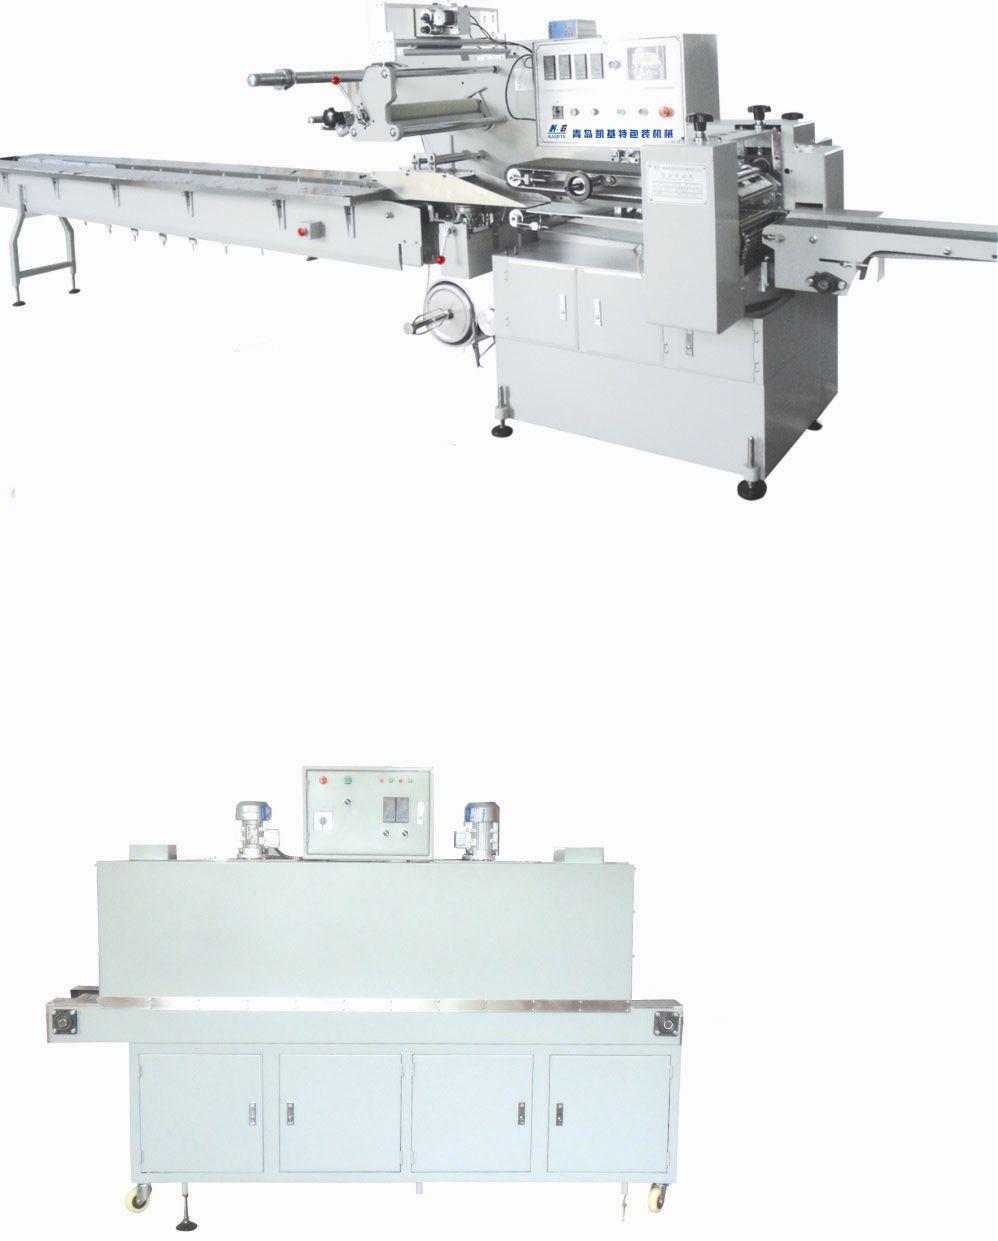 青岛凯基特包装机械有限公司----欢迎您!